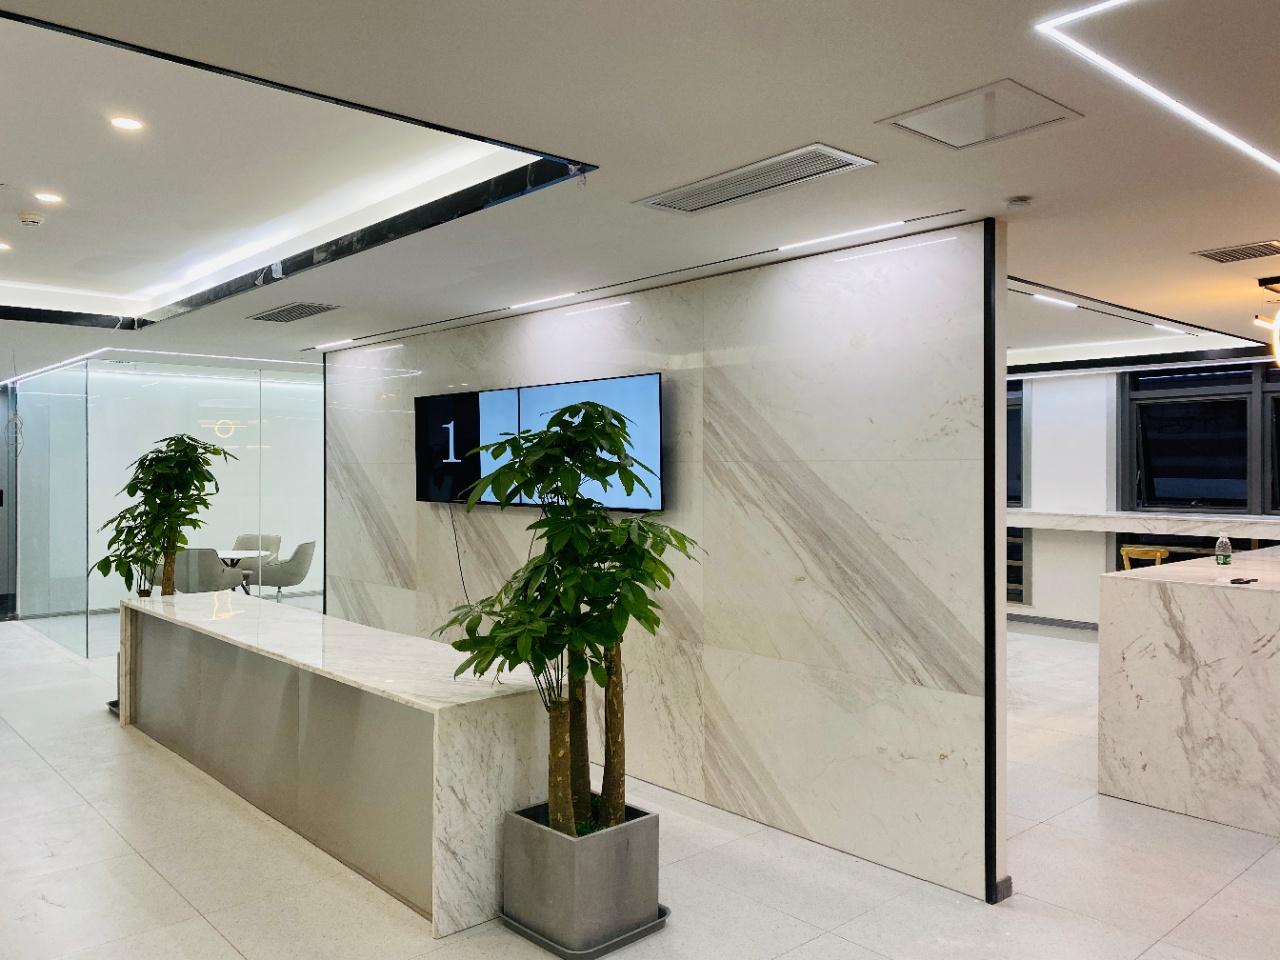 锦江区东大街阳光金融大厦146平精装办公室 含物业出租